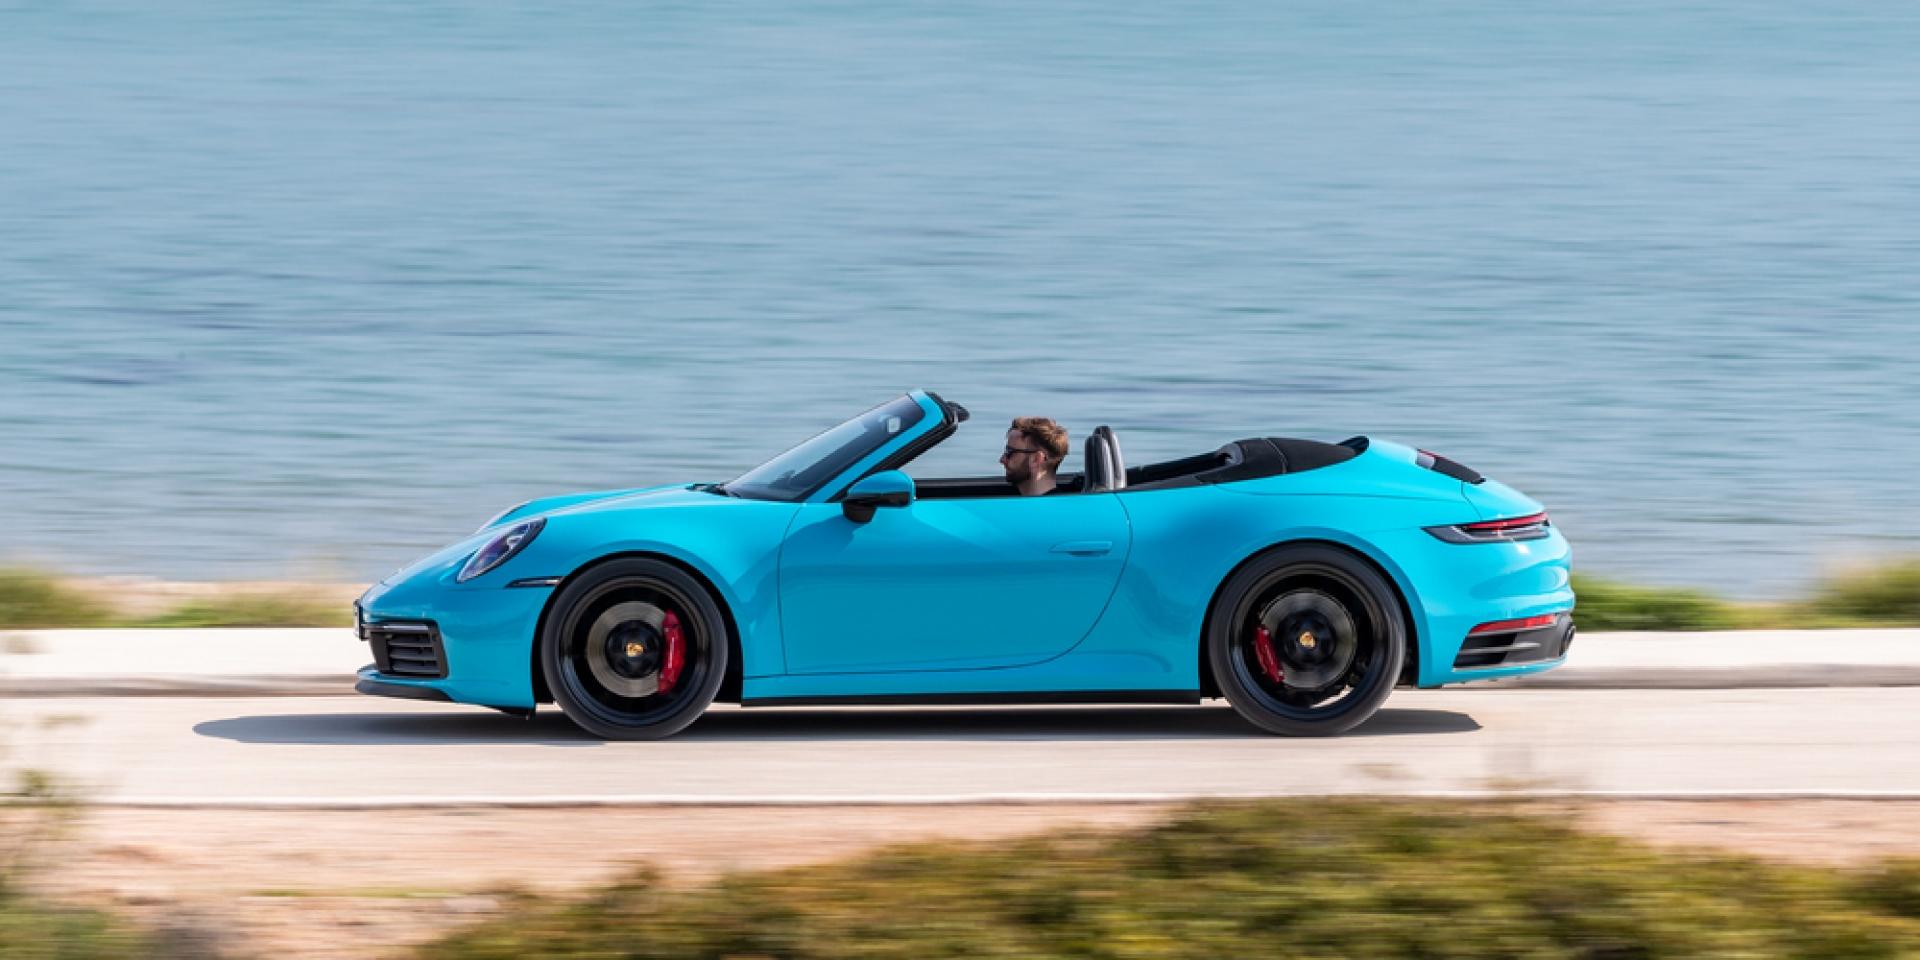 官方新聞稿。全新Porsche 911 以多種材質製成 更輕盈、更穩定。911 Cabriolet 採全新複合組件